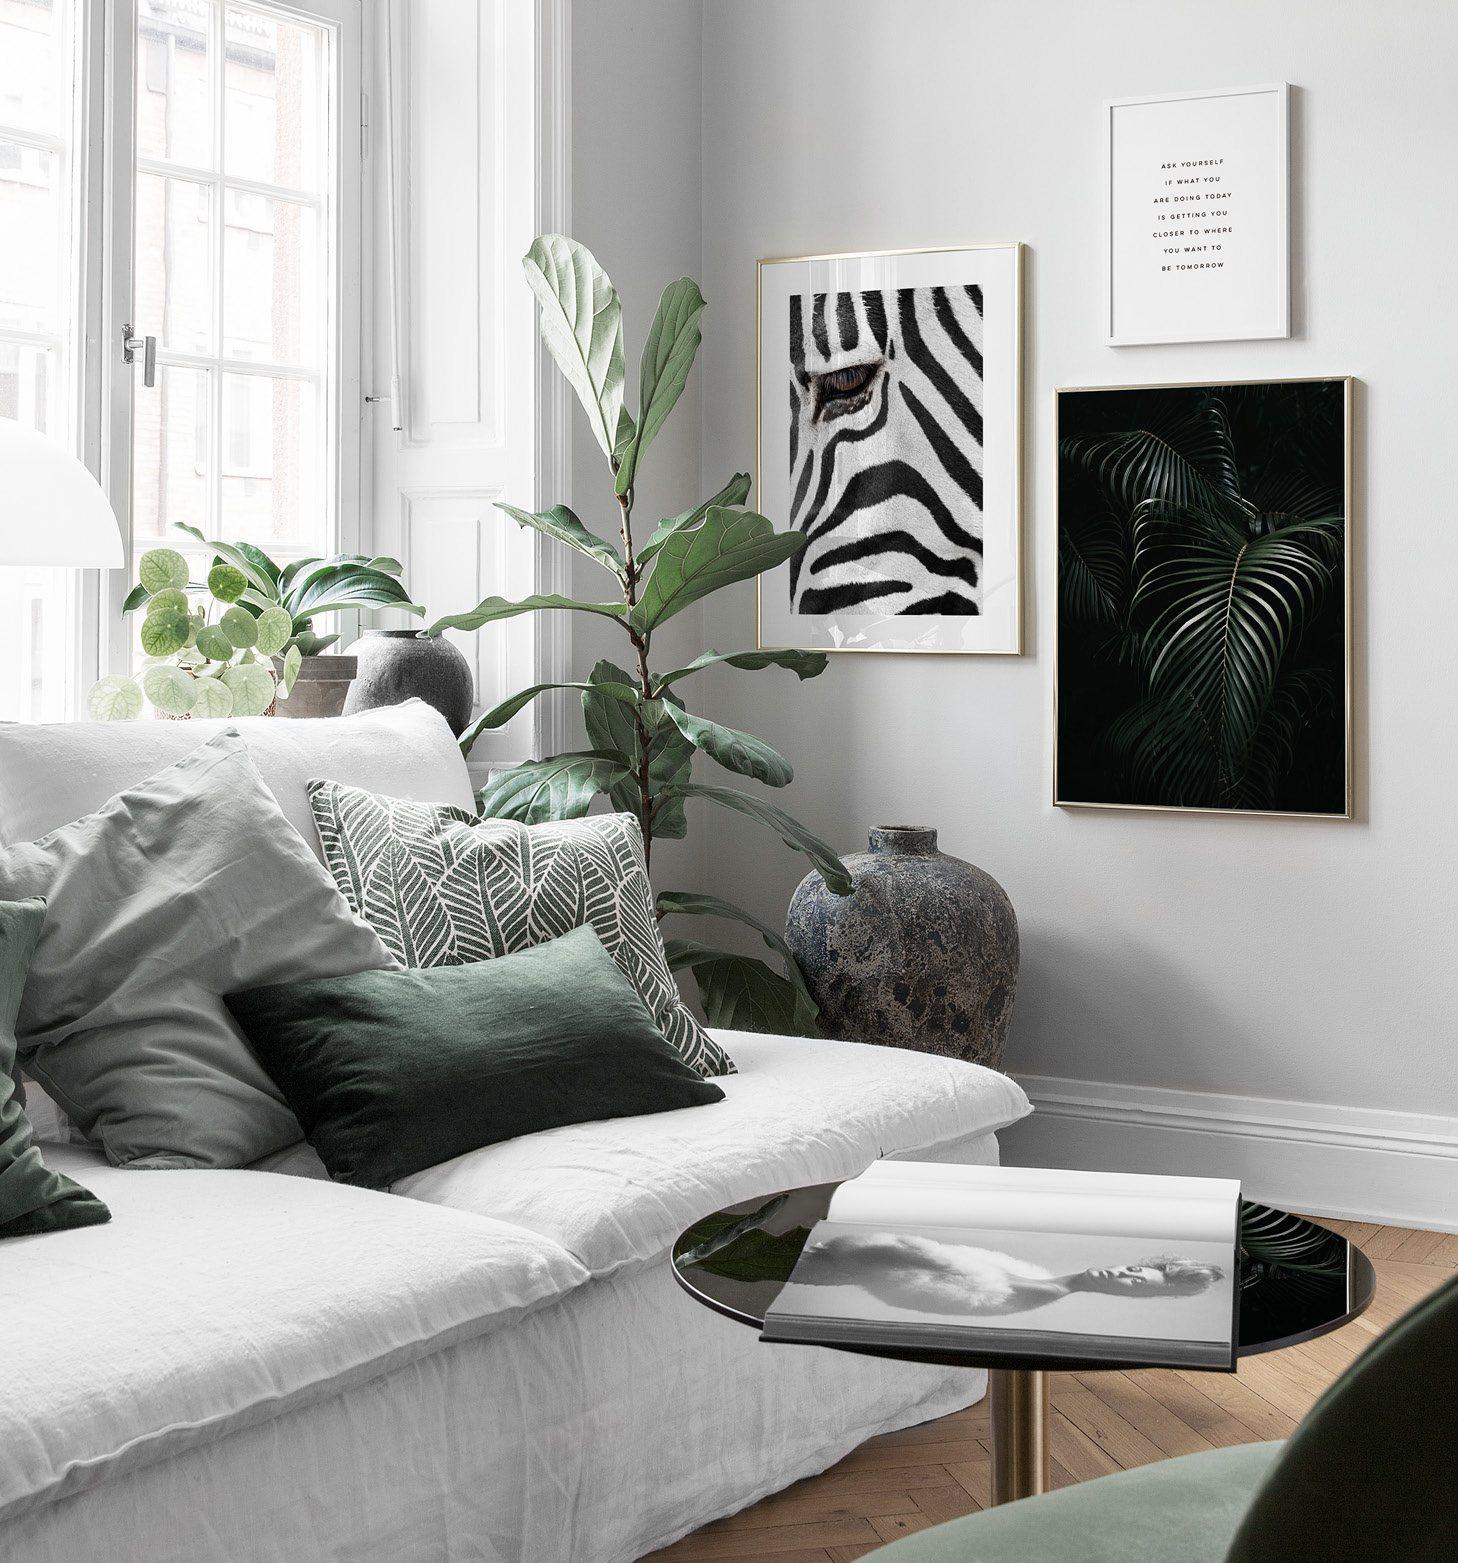 Grönt vardagsrum med tropiskt tema och djurposter